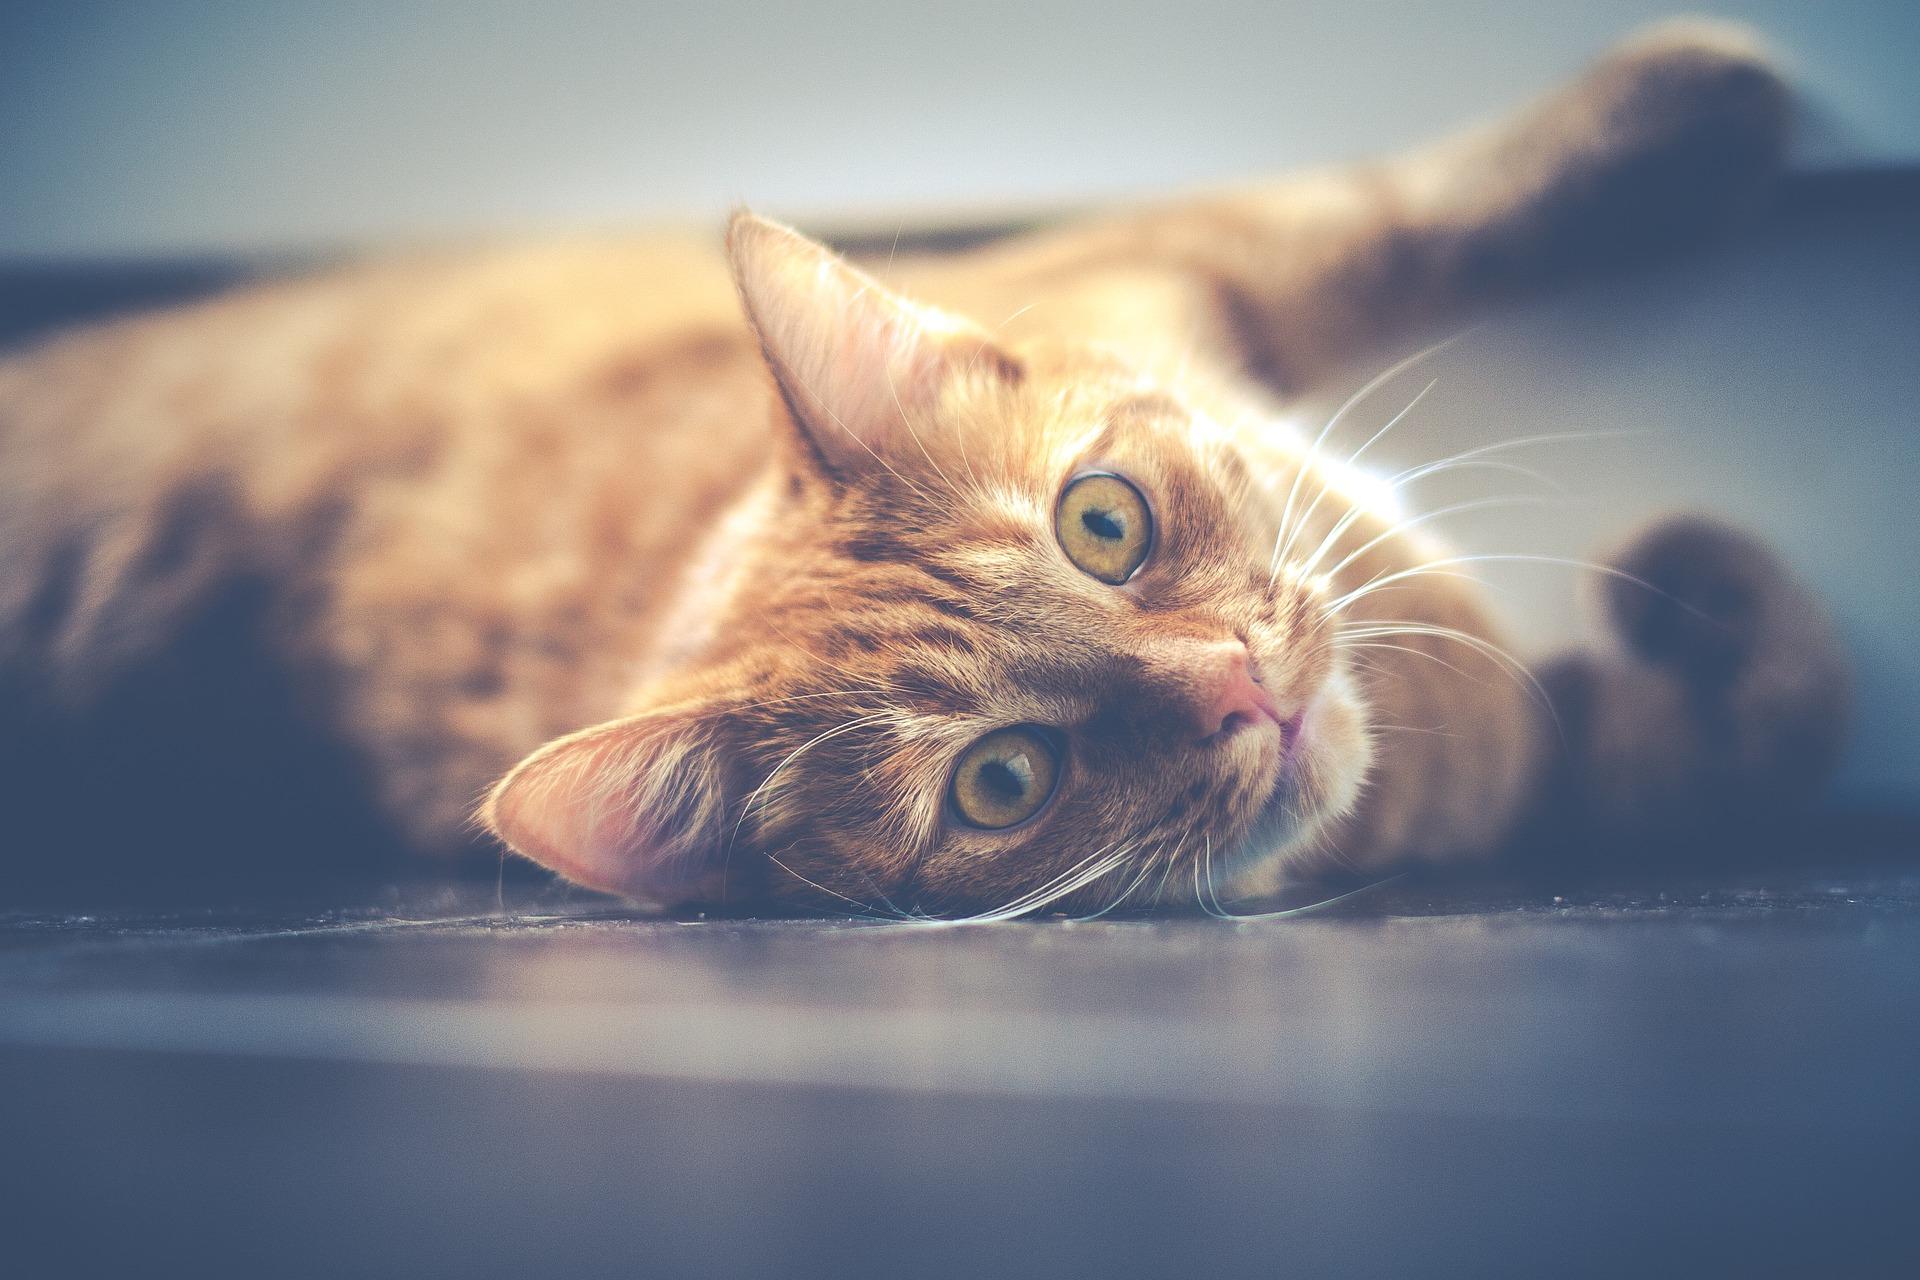 El gato adolescente necesitará tu cuidado y cariño